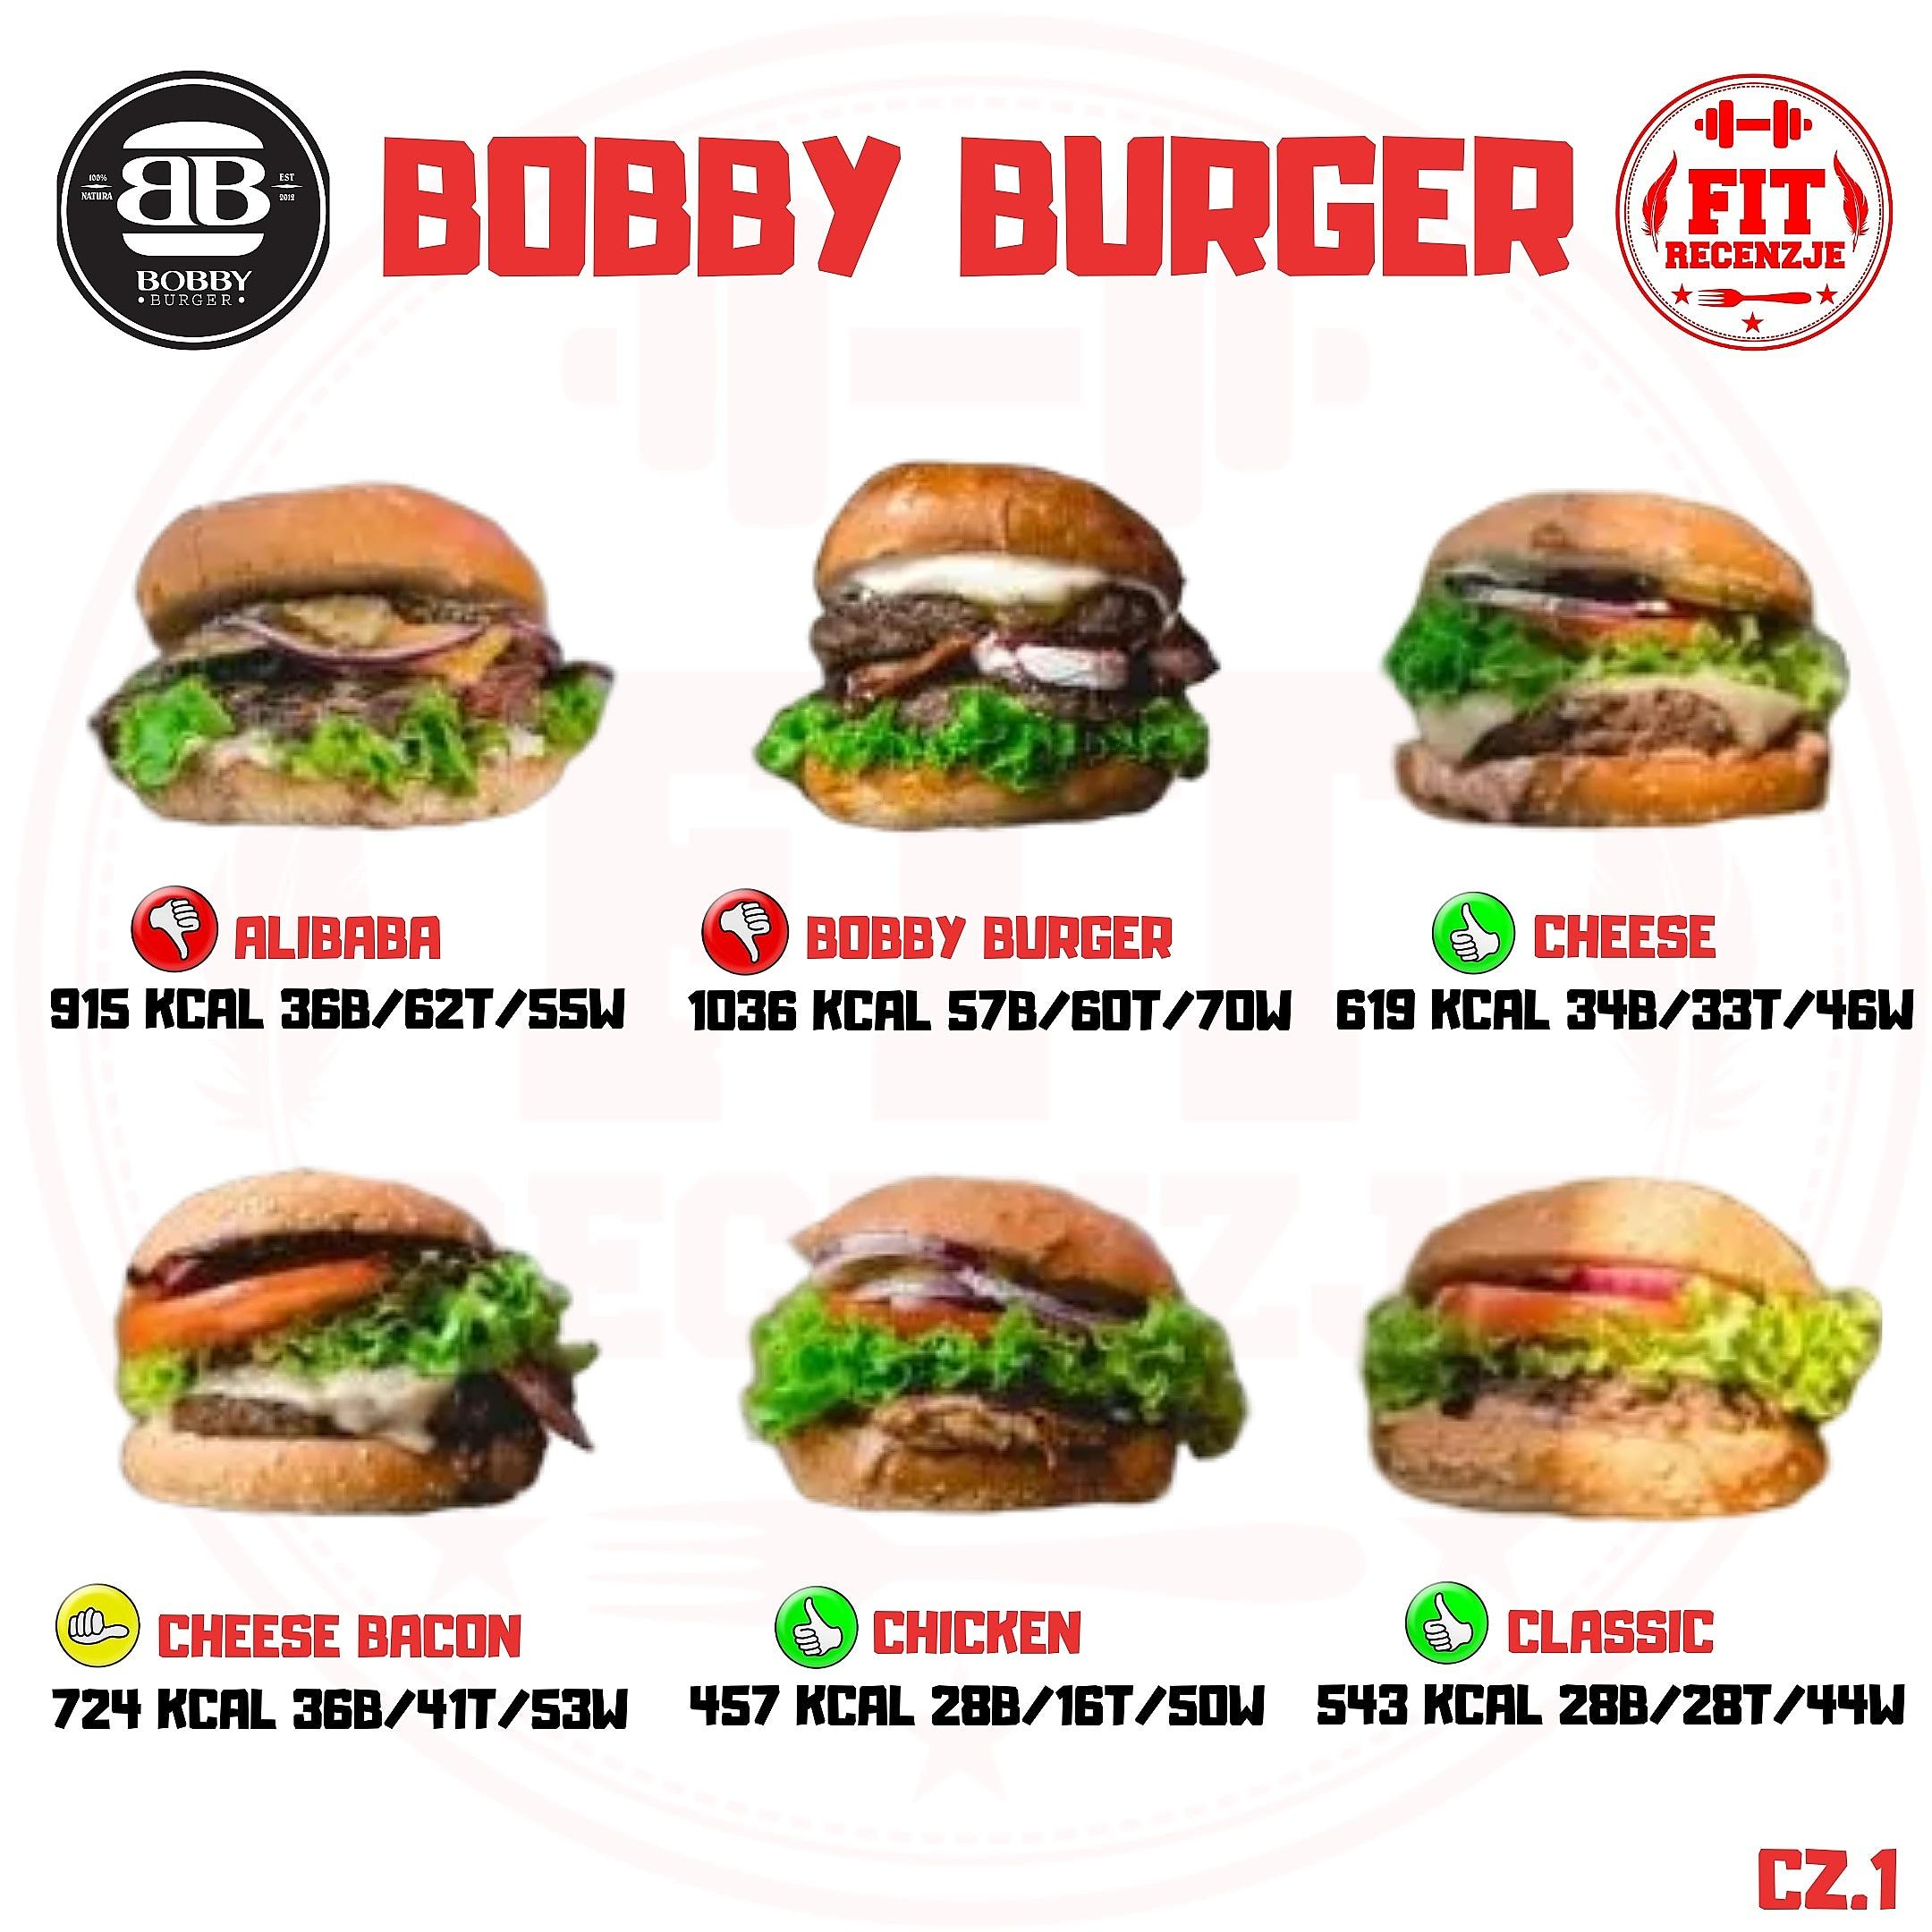 Bobby Burger – wartości odżywcze burgerów